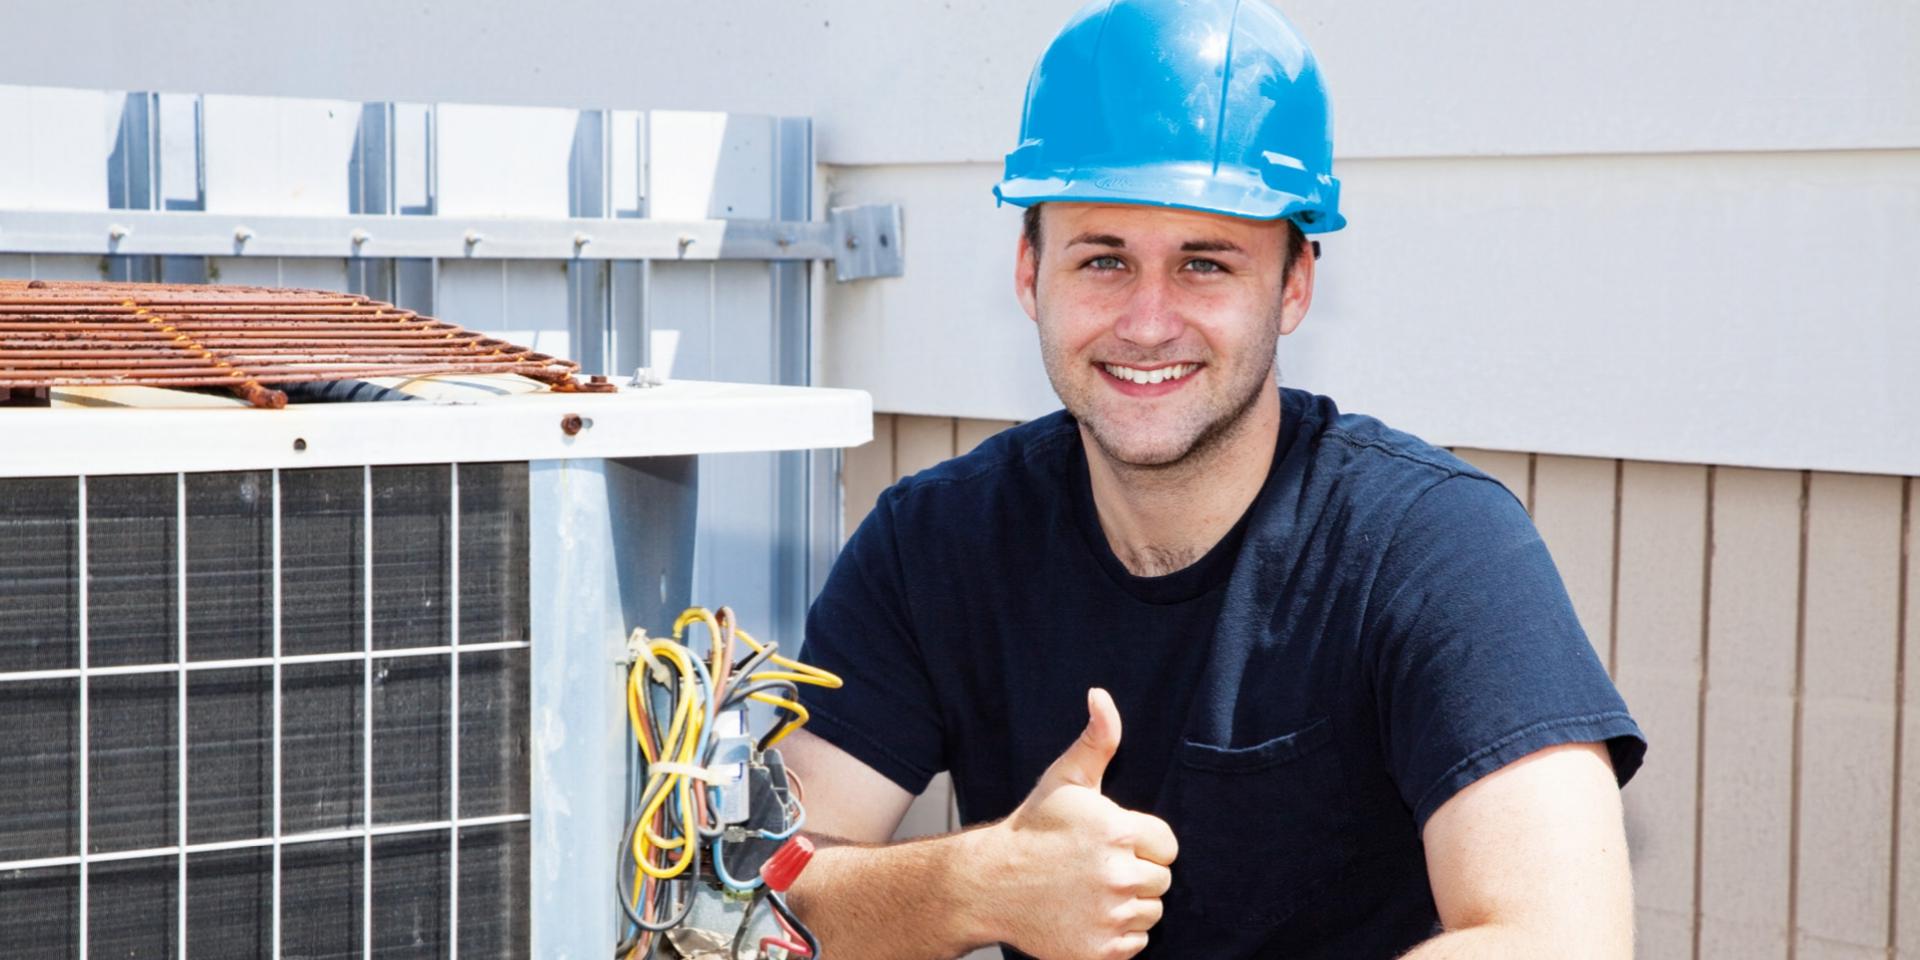 Handwerker/Elektriker (m/w/d)